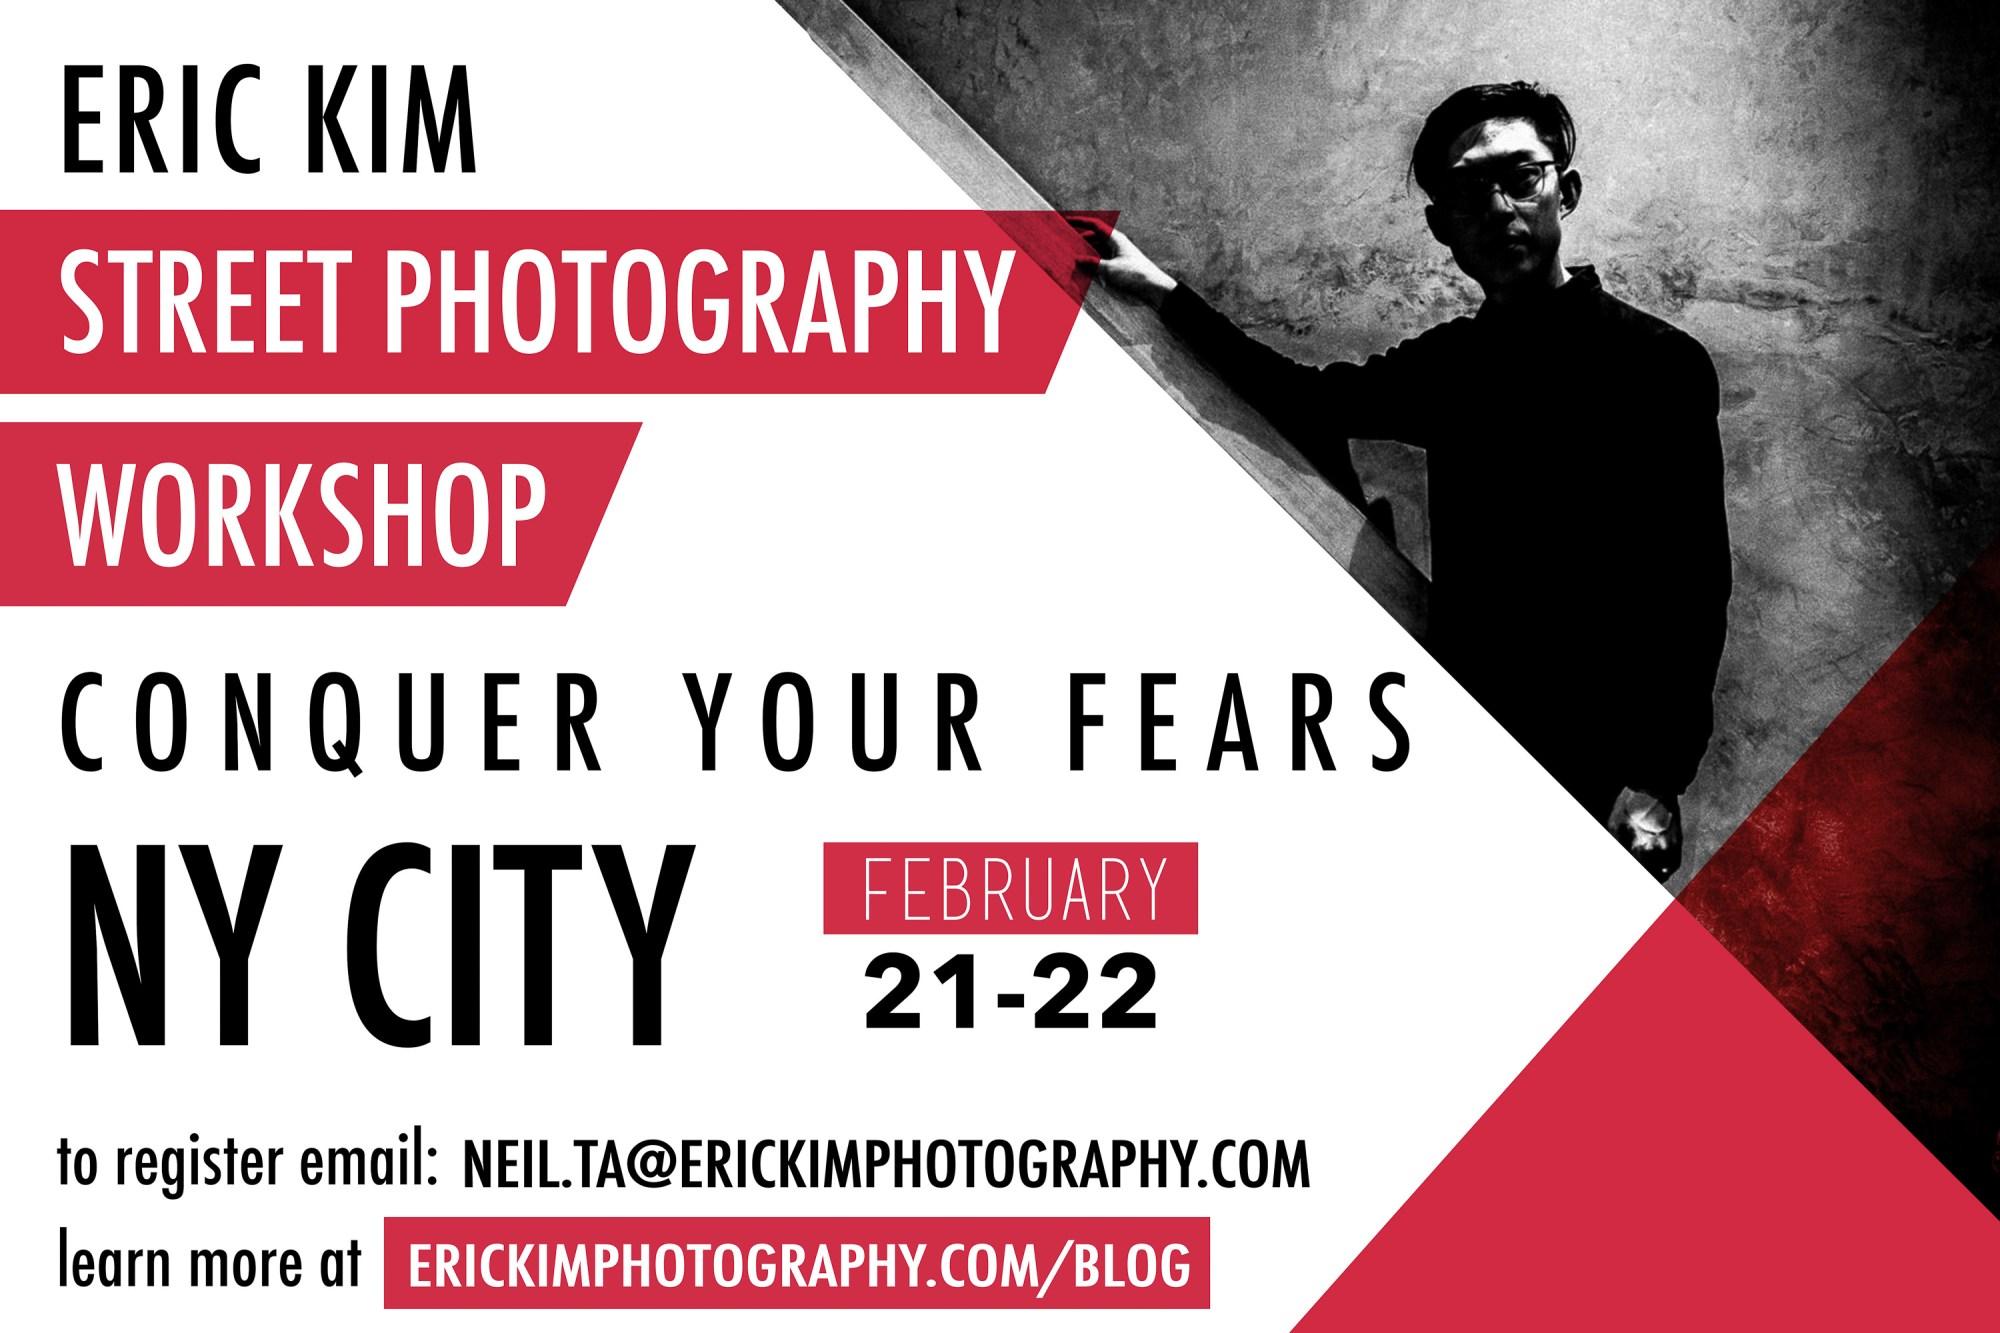 Eric Kim conquer fear nyc